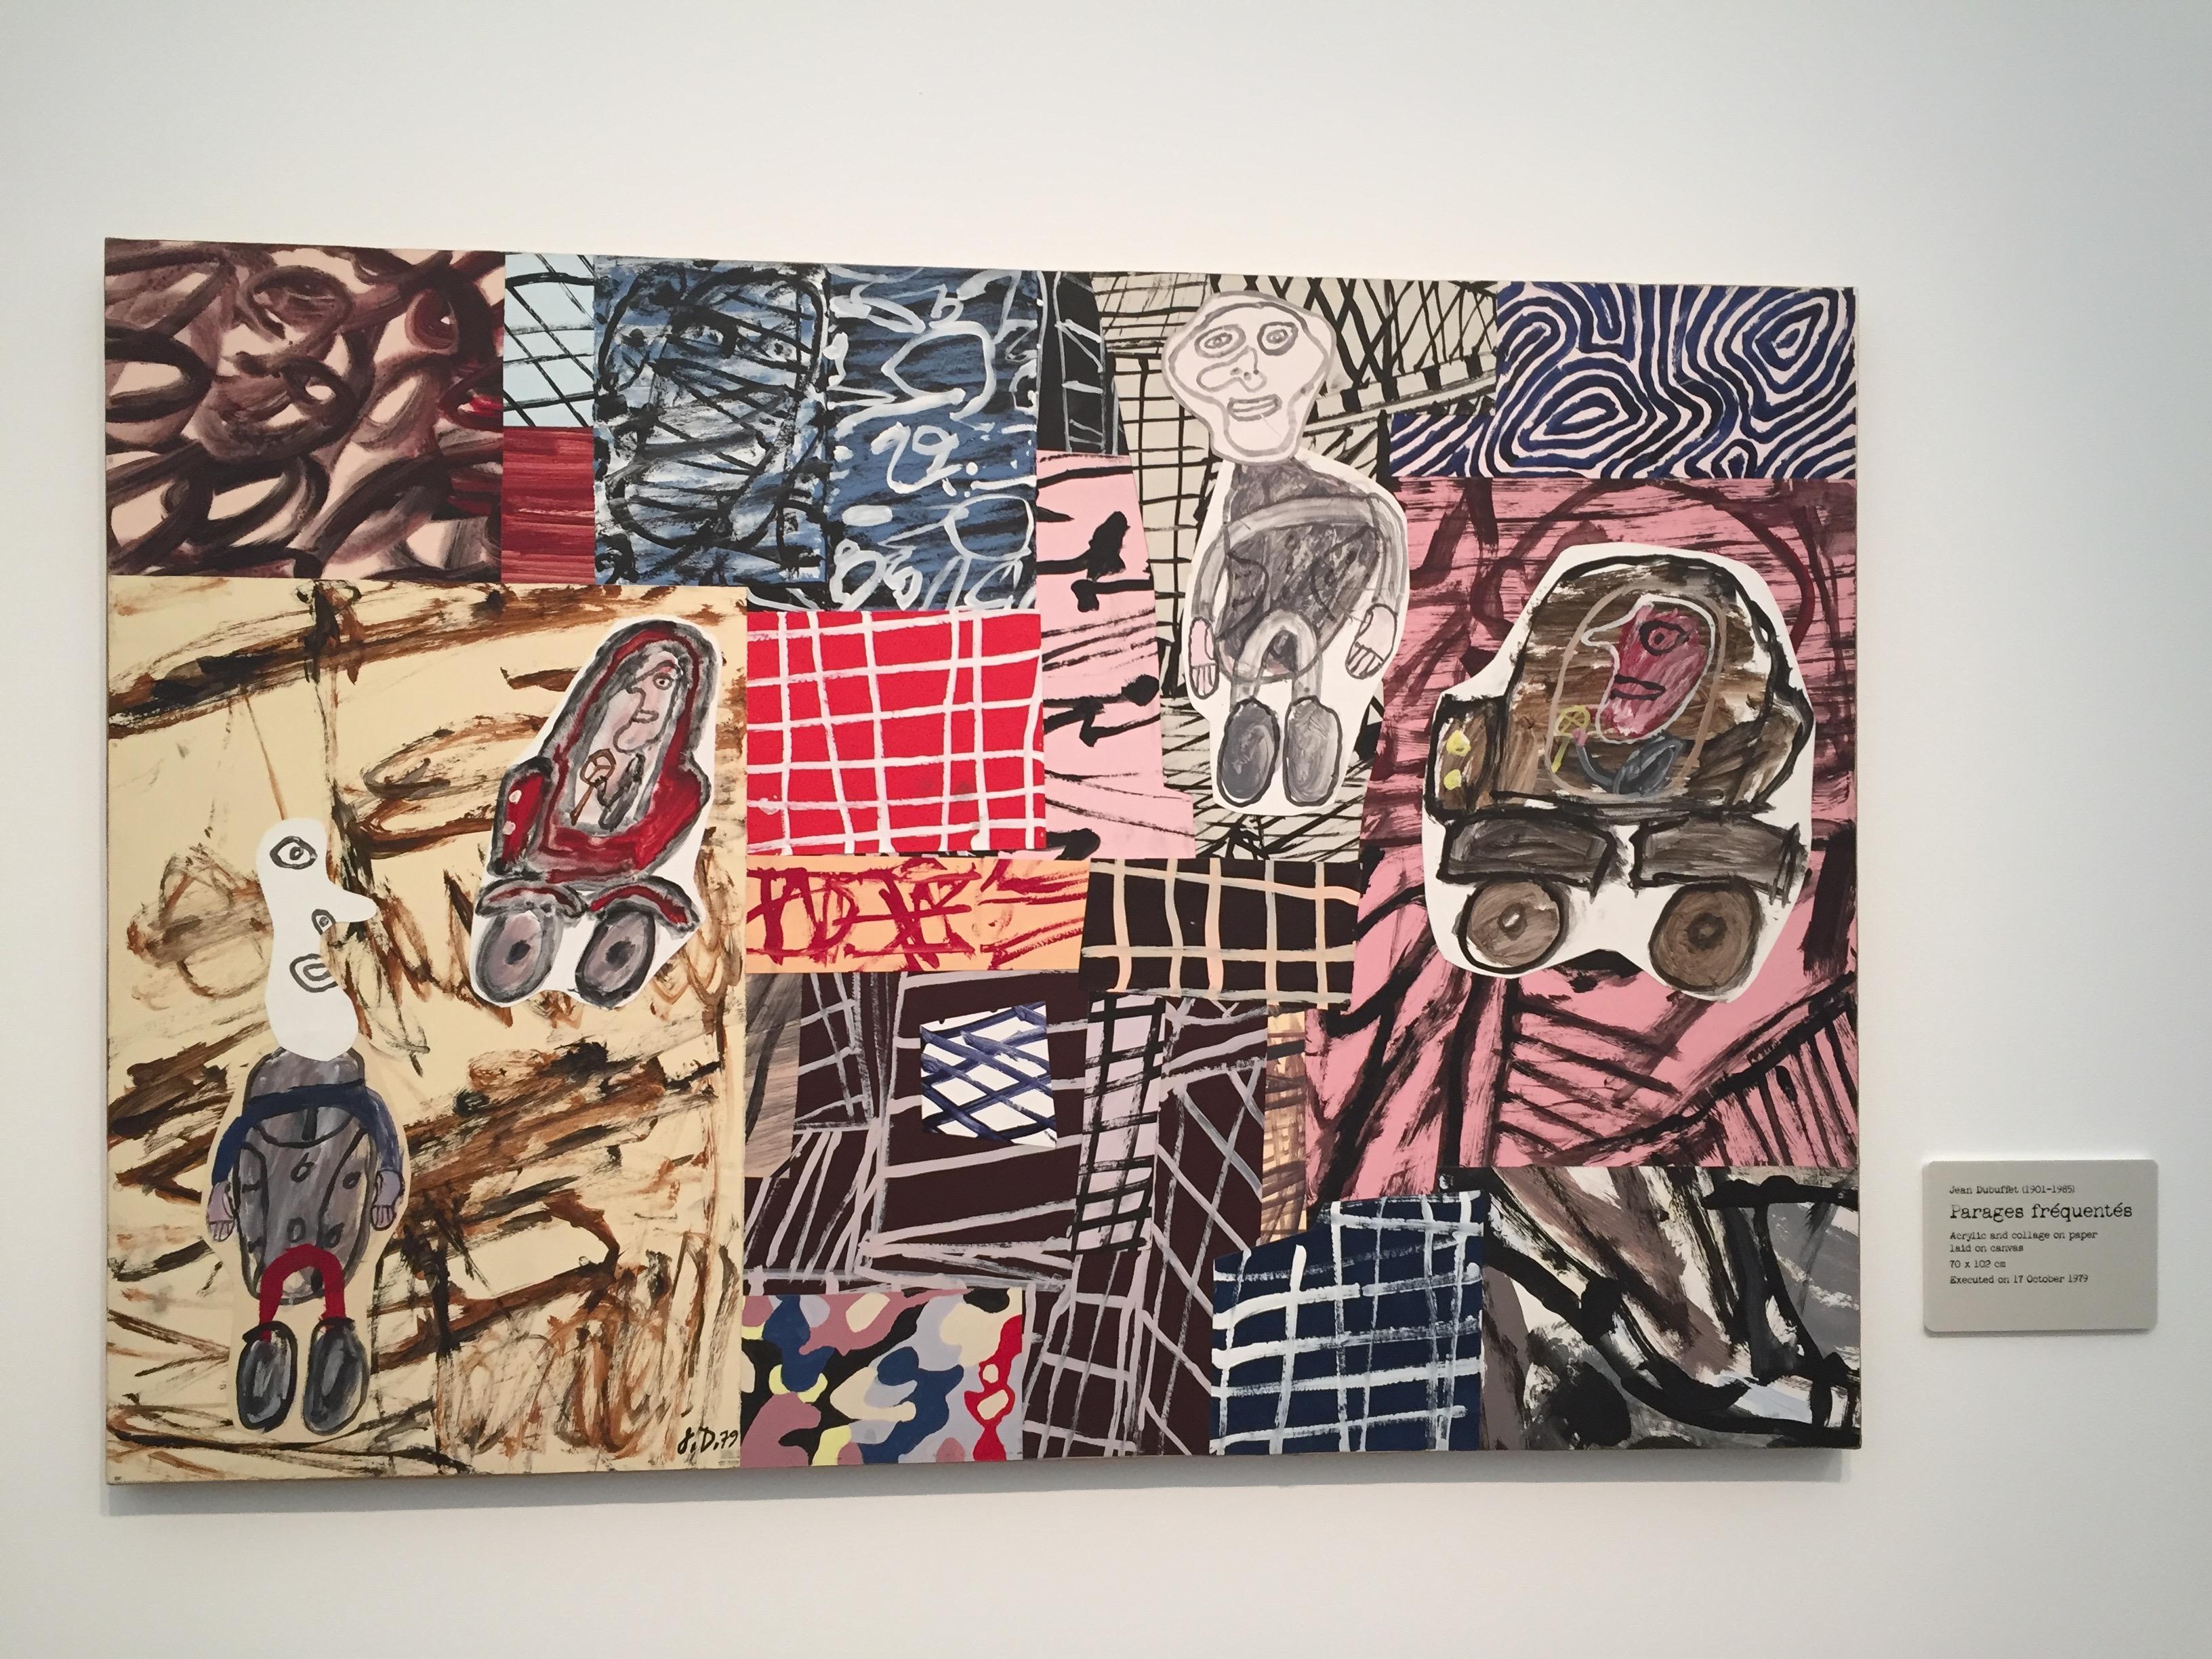 Jean Dubuffet's Parage fréquentés, 1